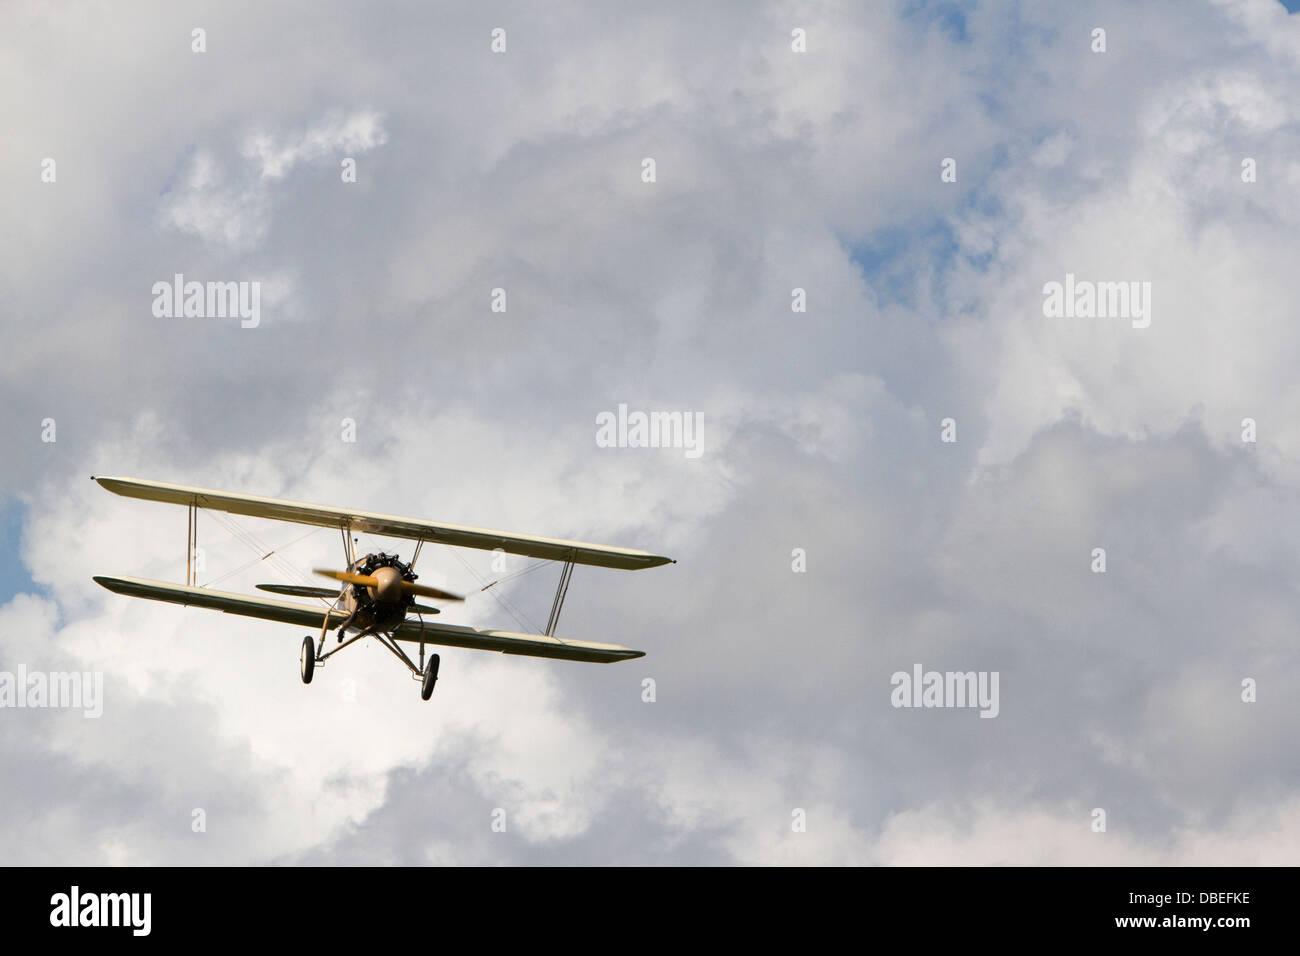 Un biplano in volo contro un cielo blu con nuvole cumulus. Immagini Stock